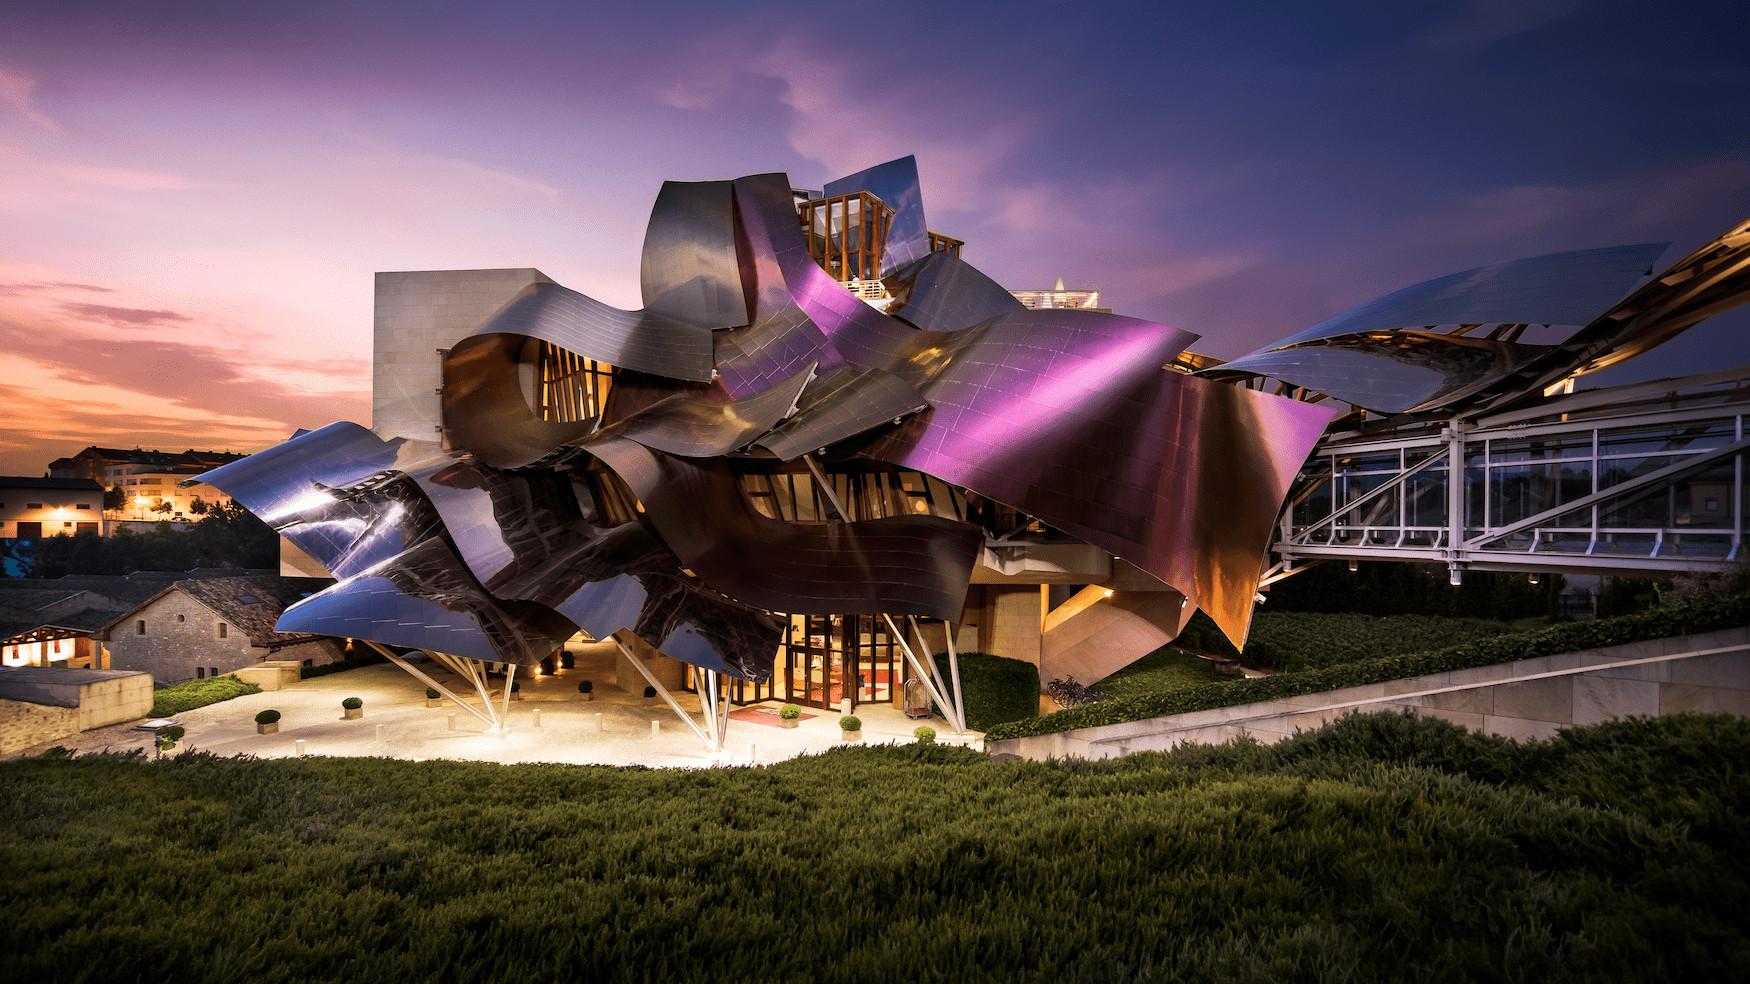 Das Luxus-Weingut Marqués de Riscal im Licht des Sonnenuntergangs